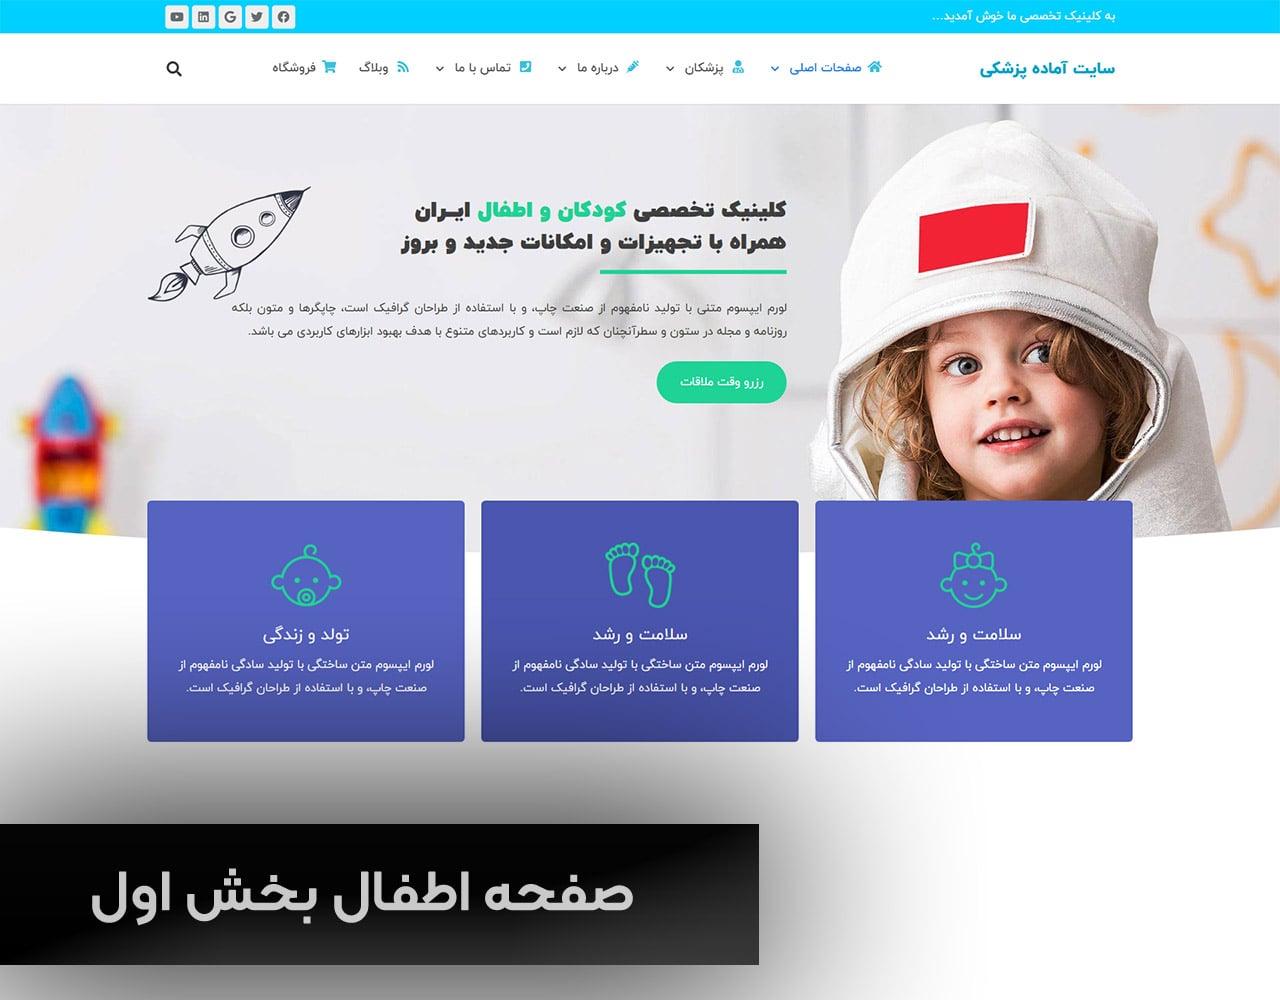 سایت آماده پزشکی - دمو متخصص اطفال